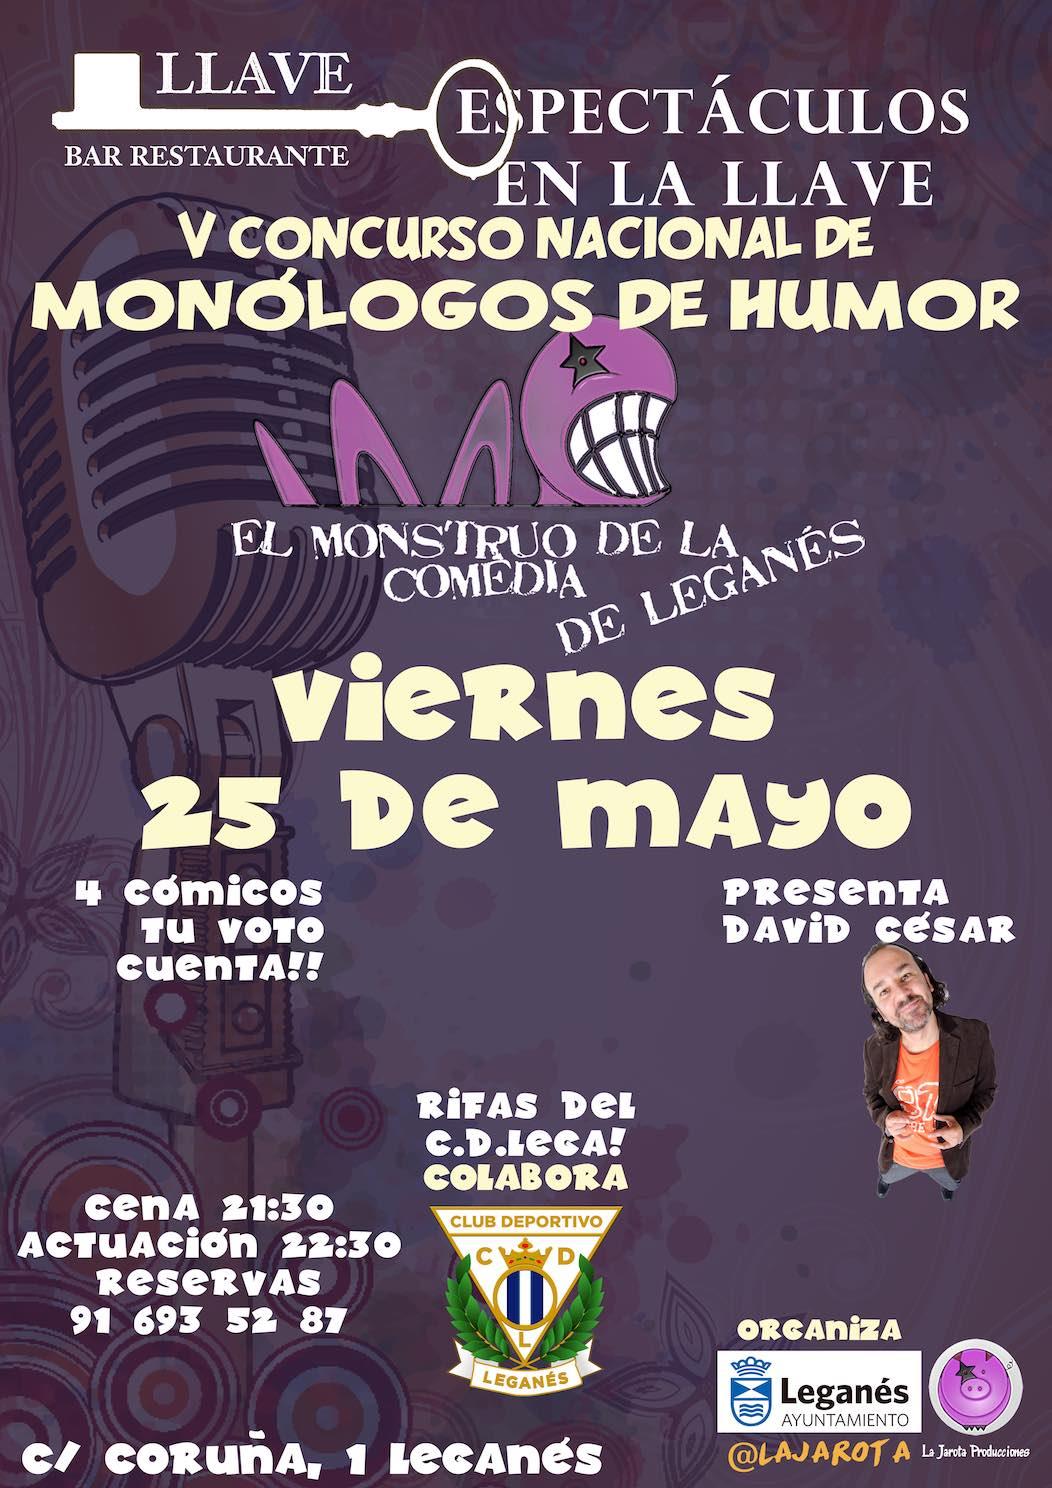 El Monstruo de la Comedia de Leganés - V ¡Tercera Semifinal!